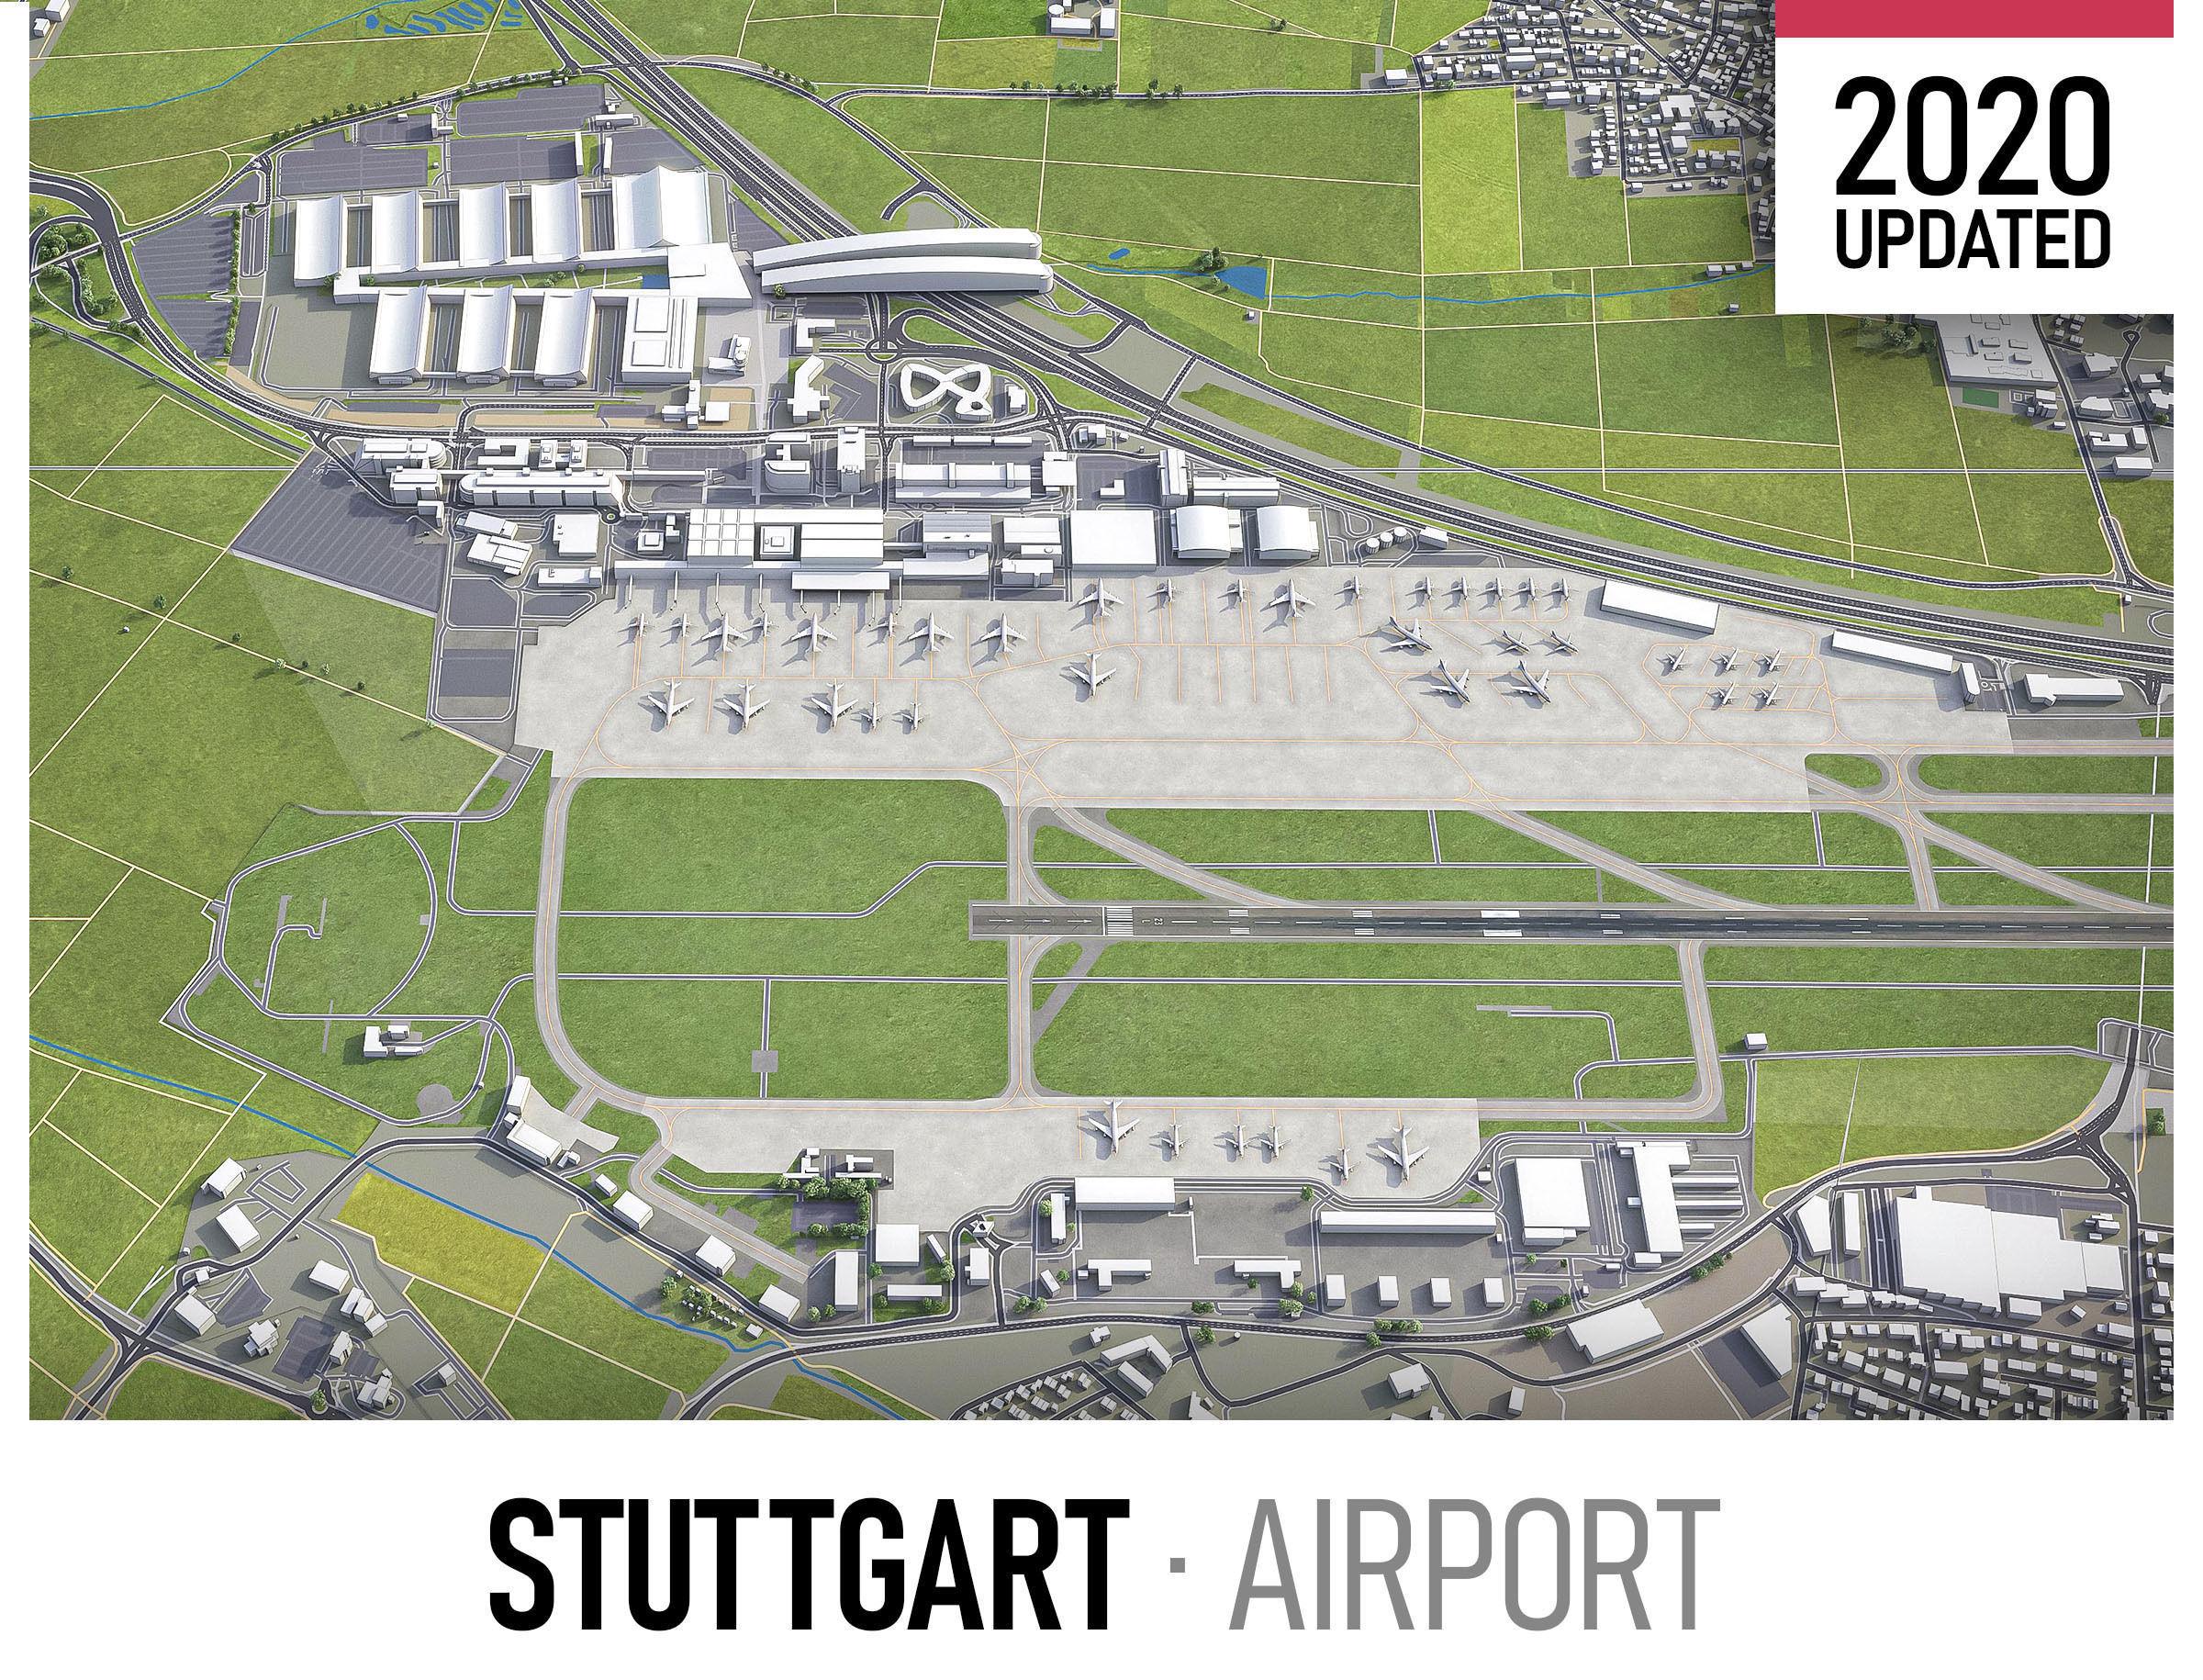 Stuttgart Airport - STR